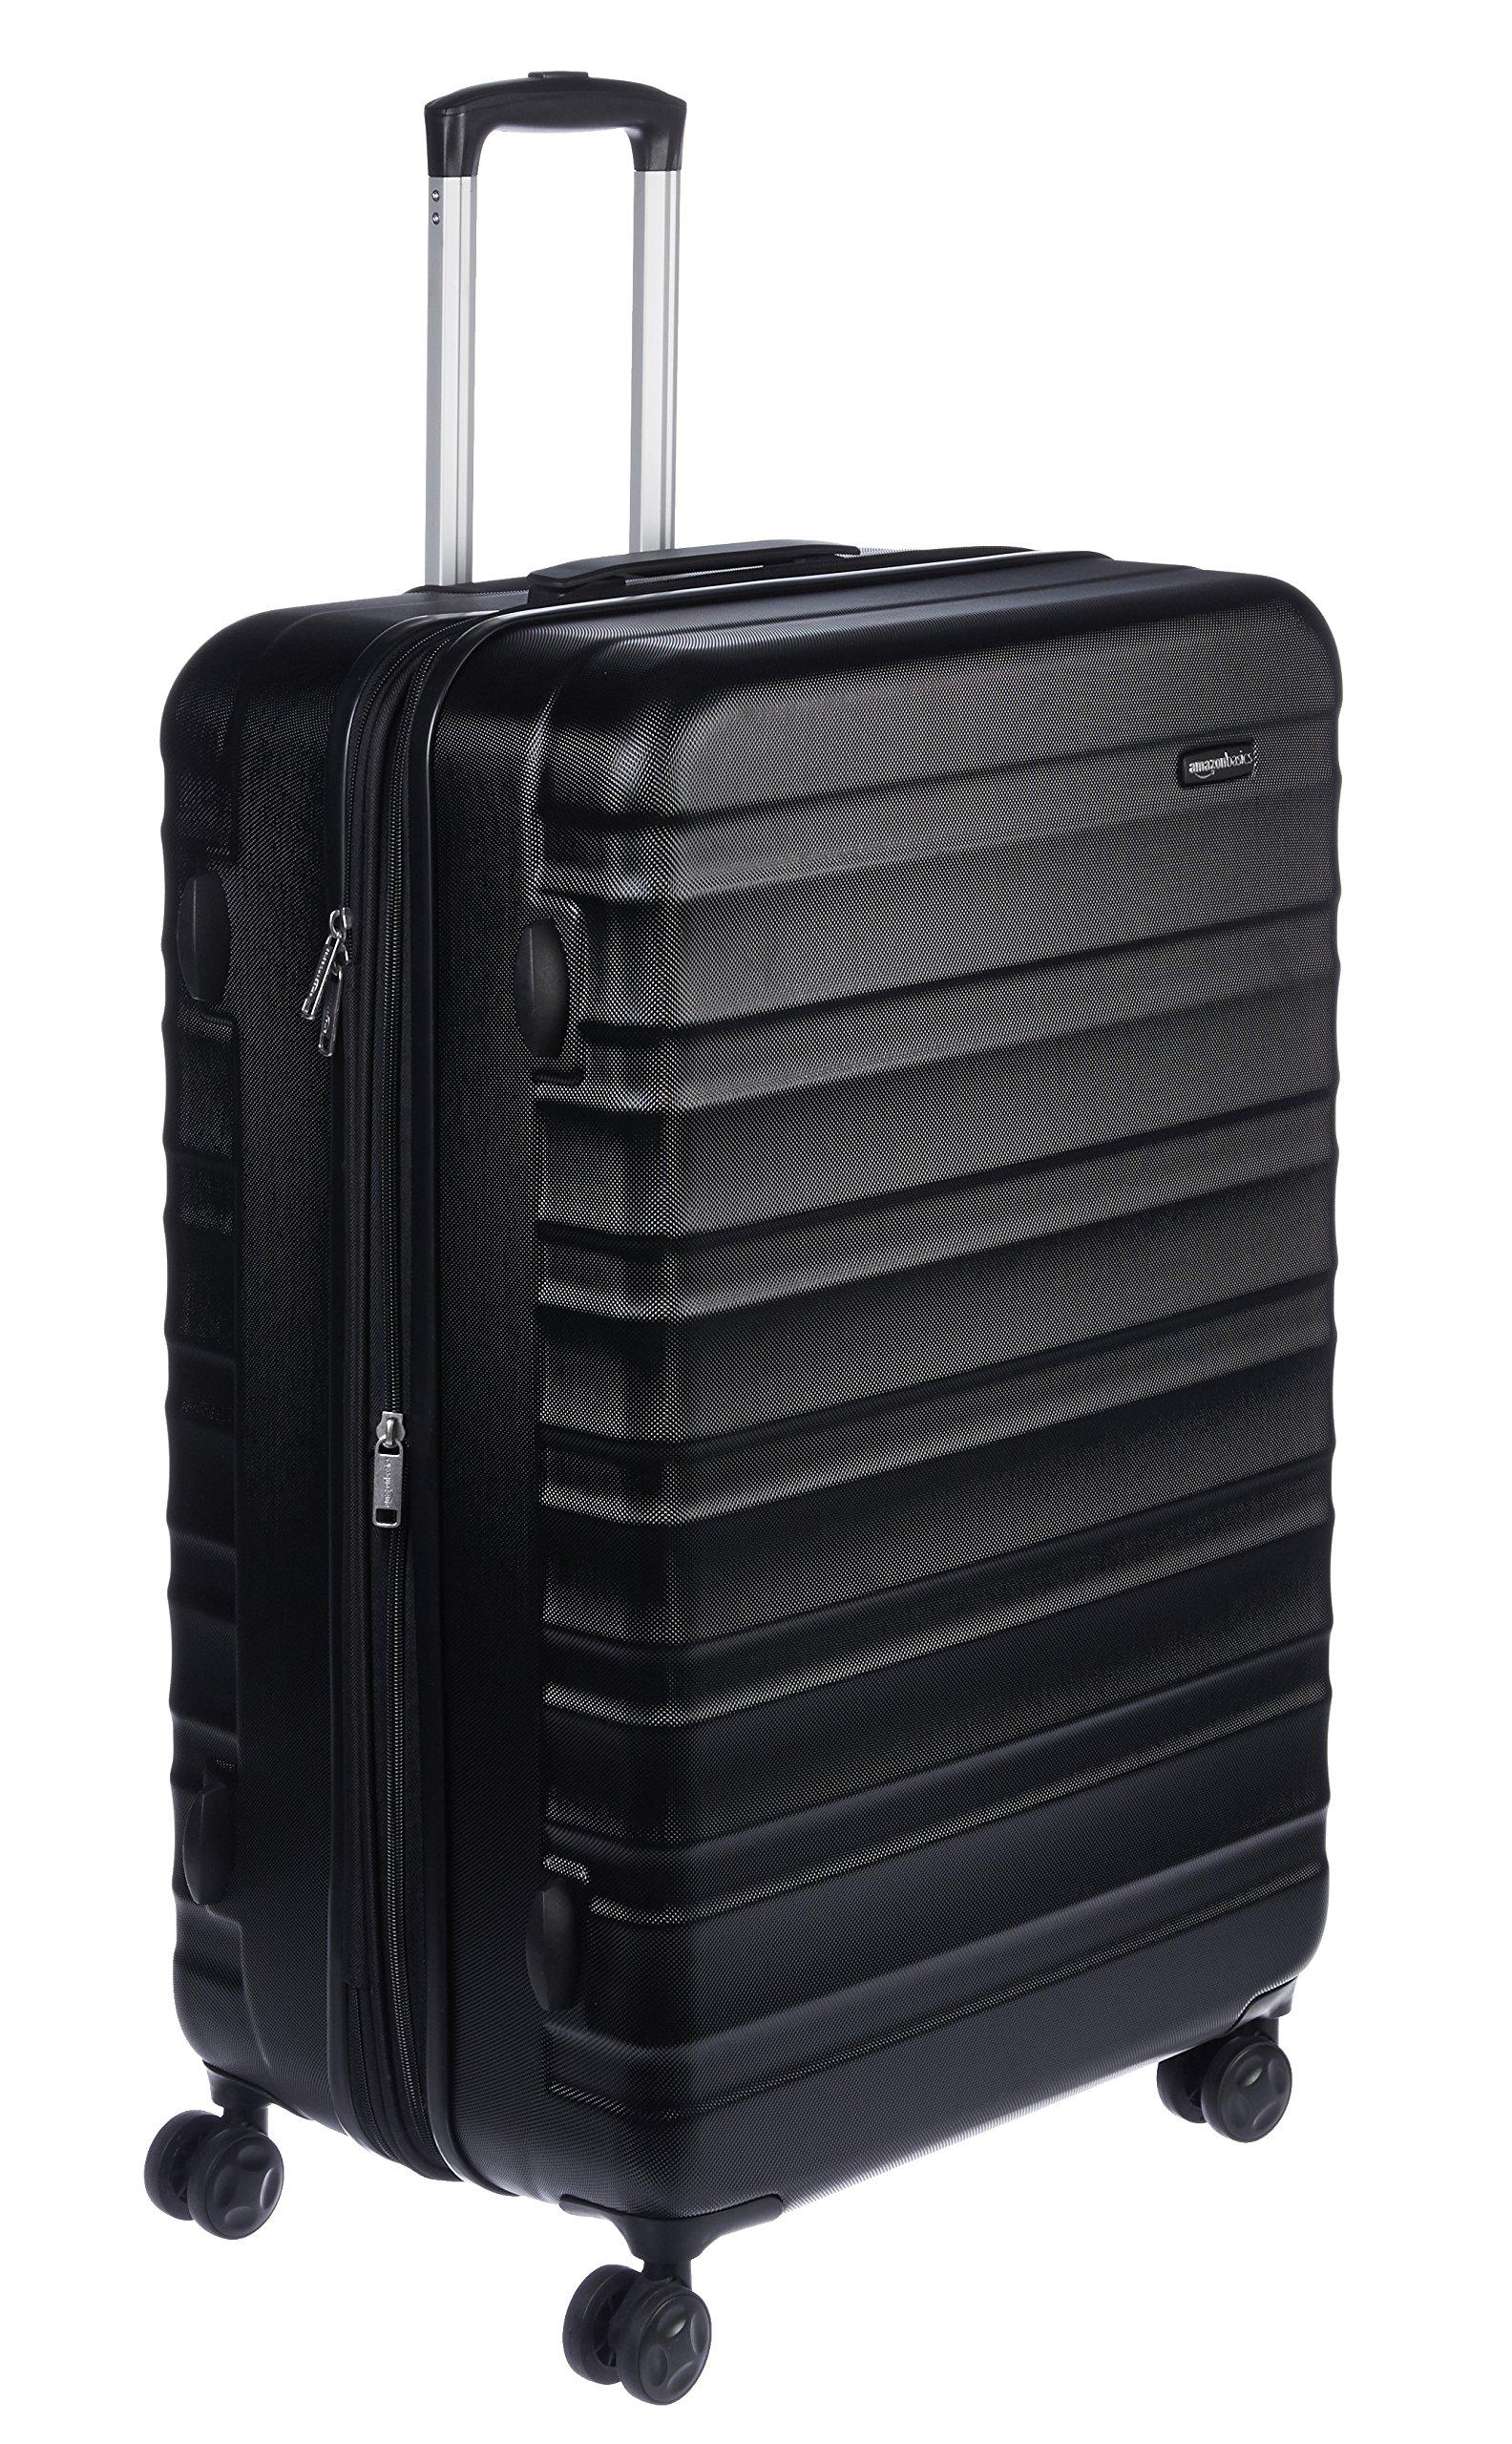 AmazonBasics Hardside Spinner Luggage - 28-Inch, Black by AmazonBasics